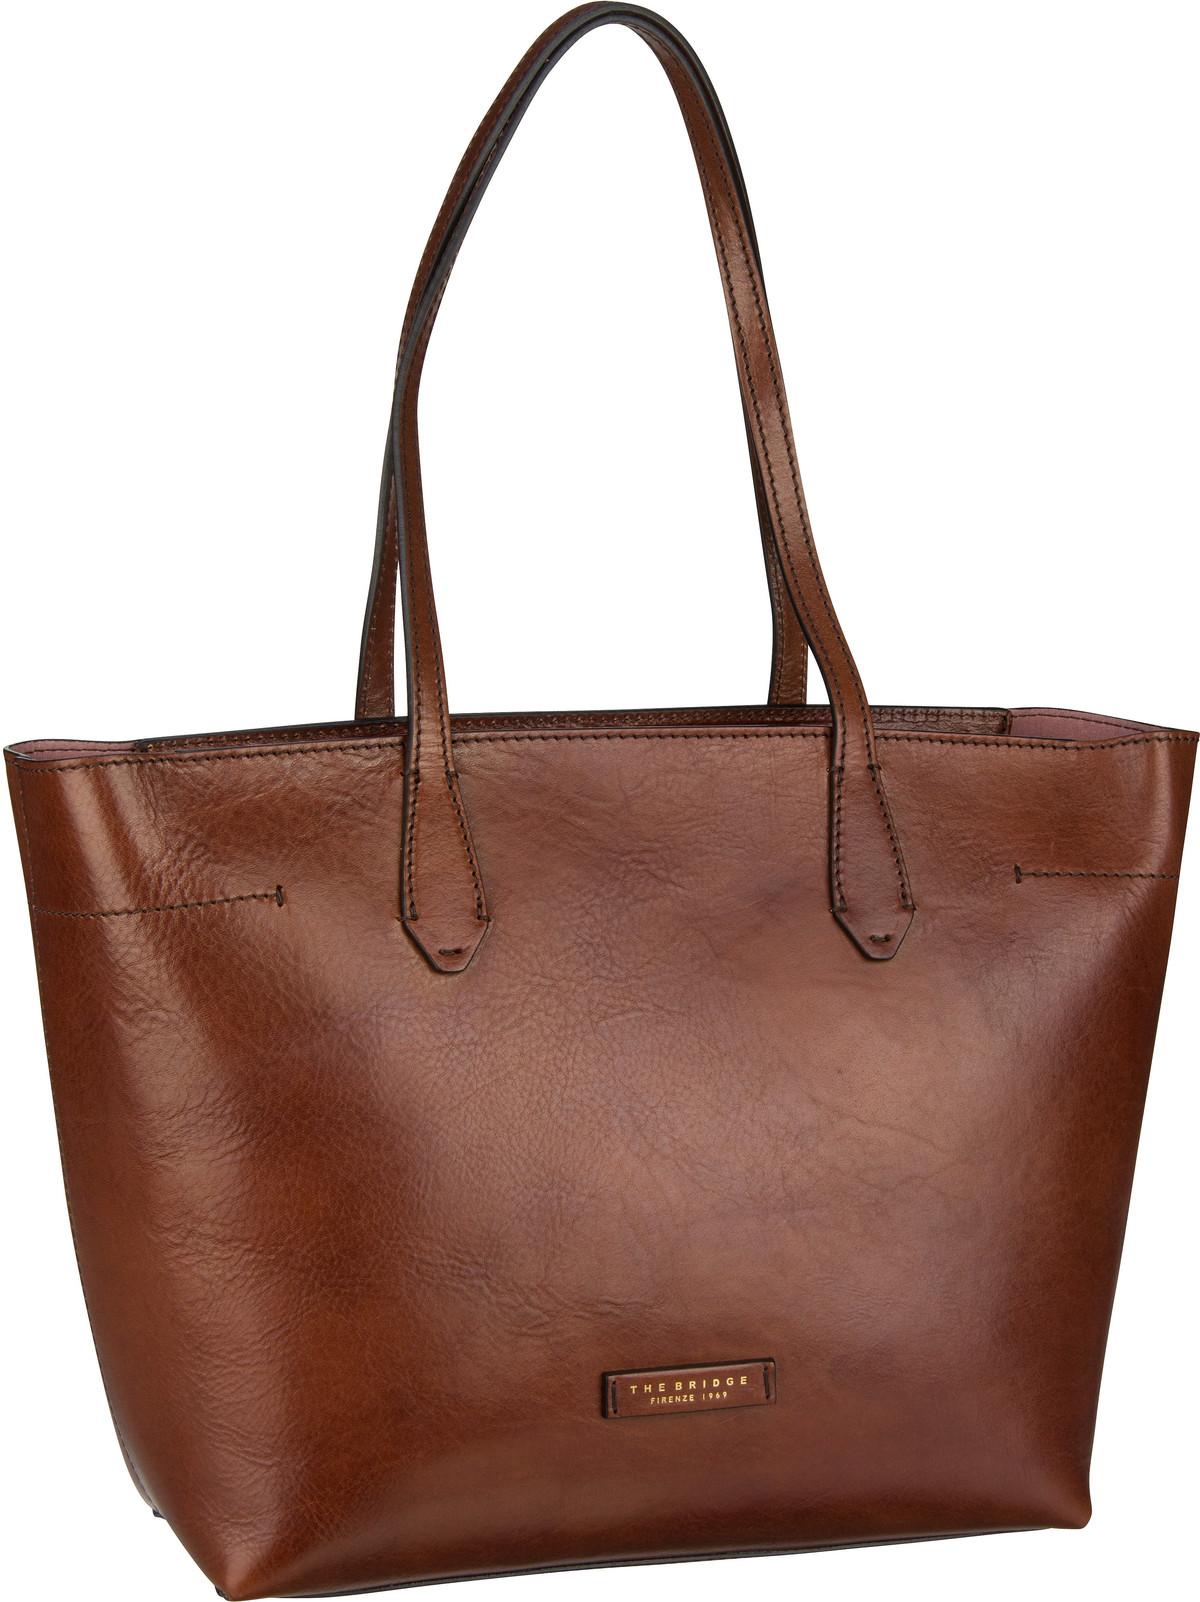 Handtasche Guelfa 3620 Marrone/Oro